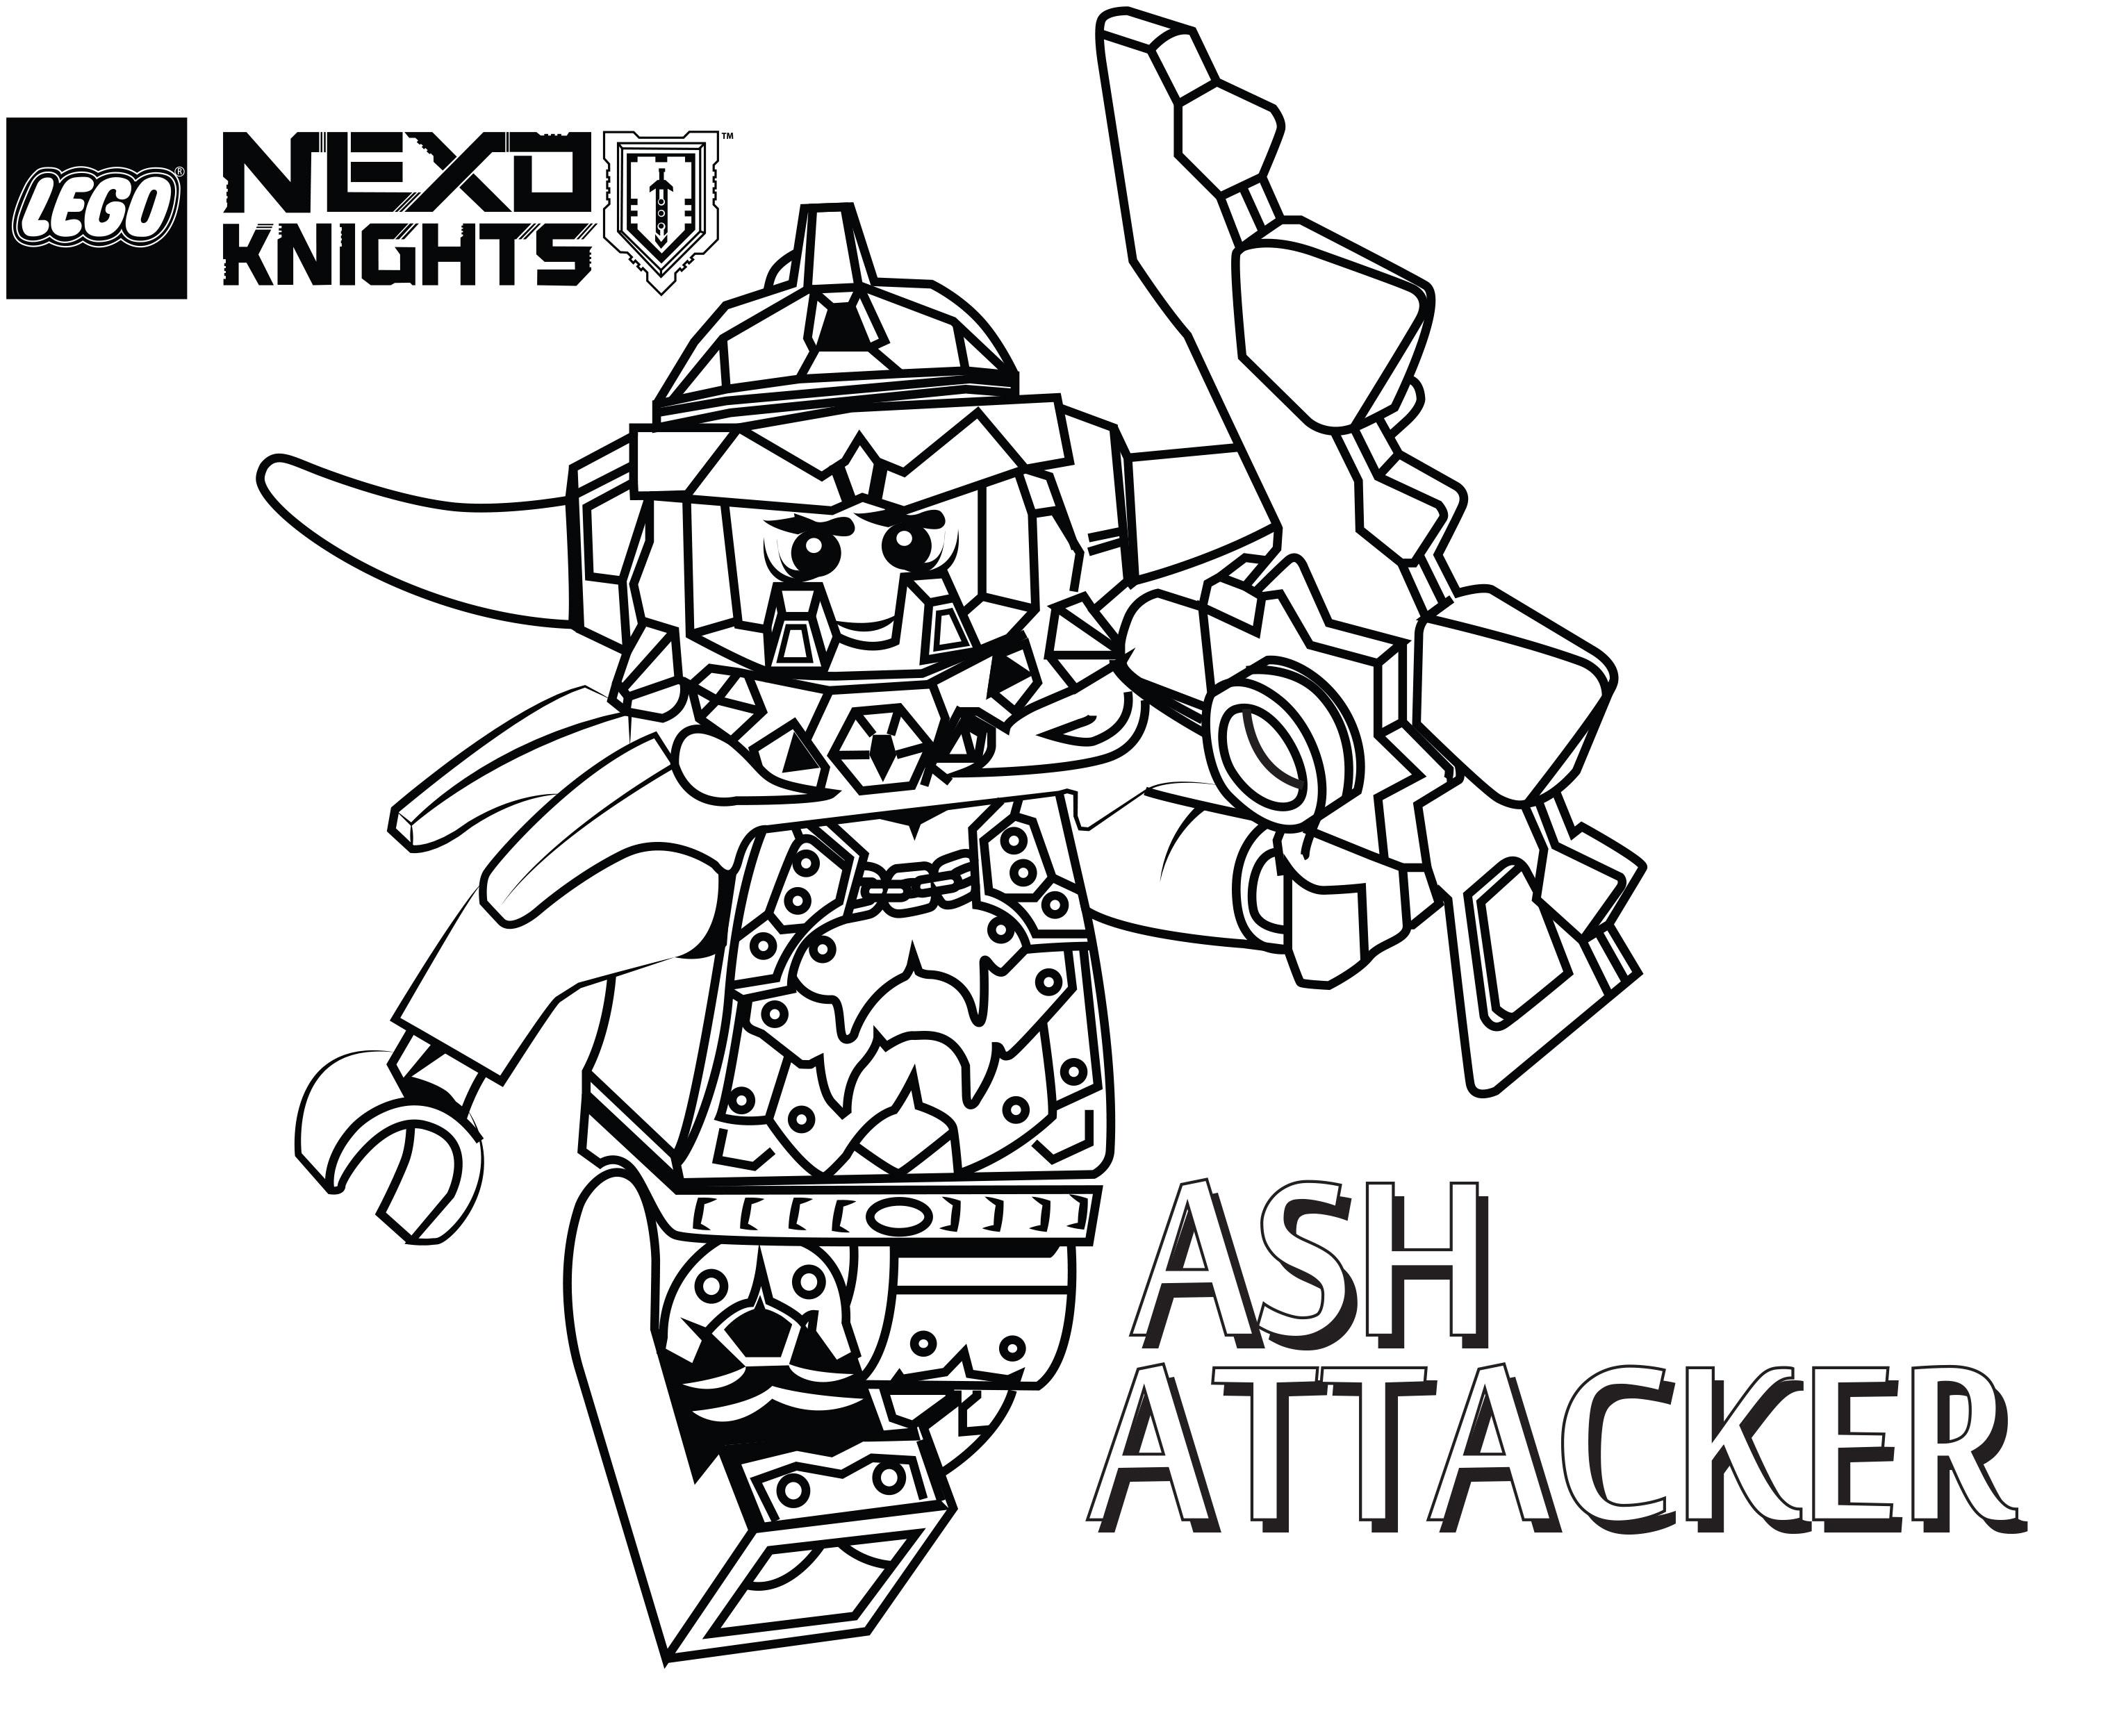 3024x2499 Ash Attacker Coloring Page, Printable Sheet